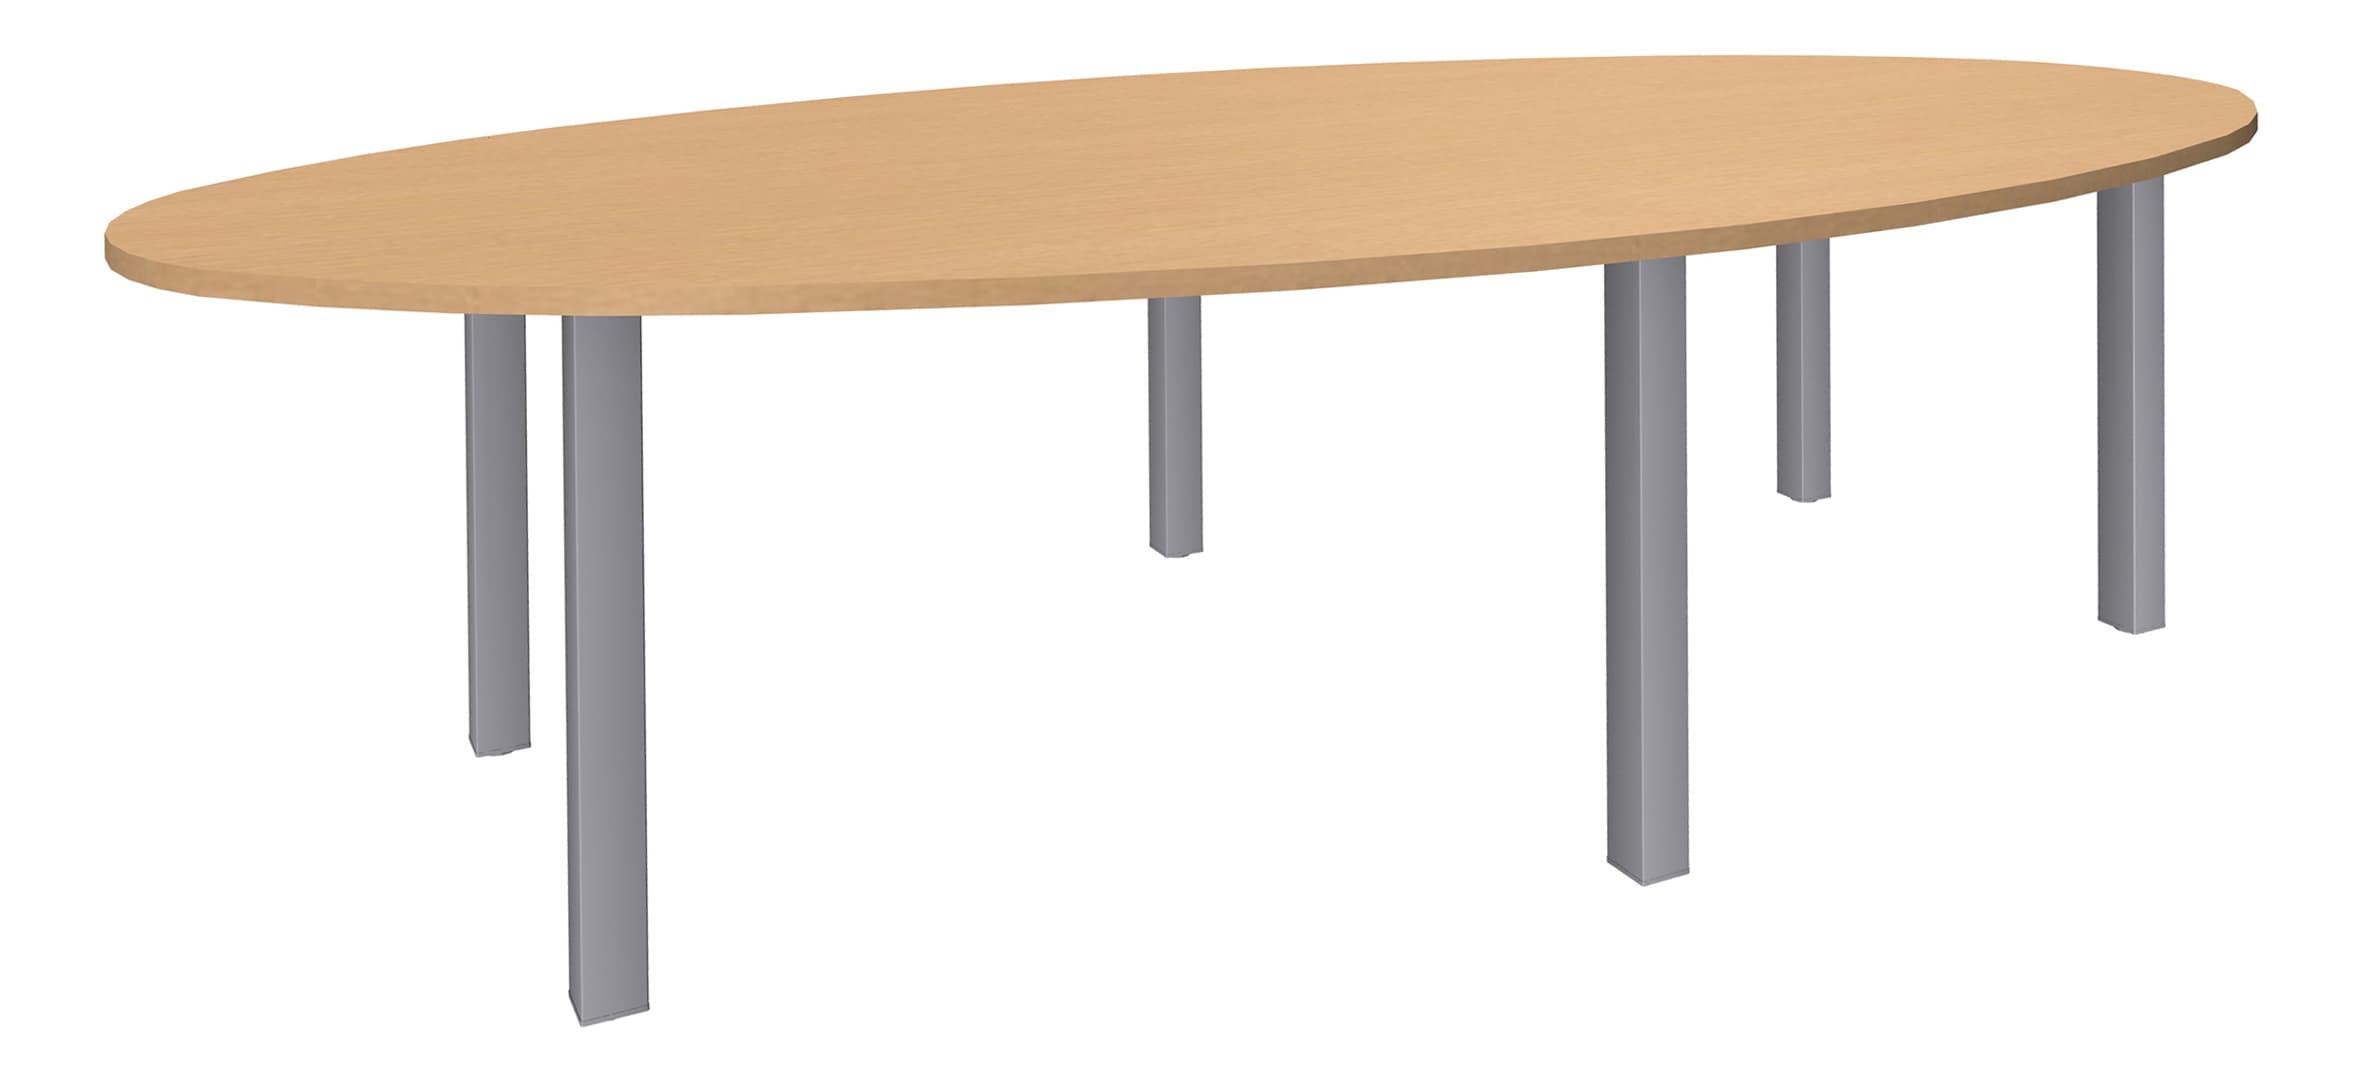 Table de réunion ovale - L280 cm - pieds exprim alu - Plateau imitation hêtre